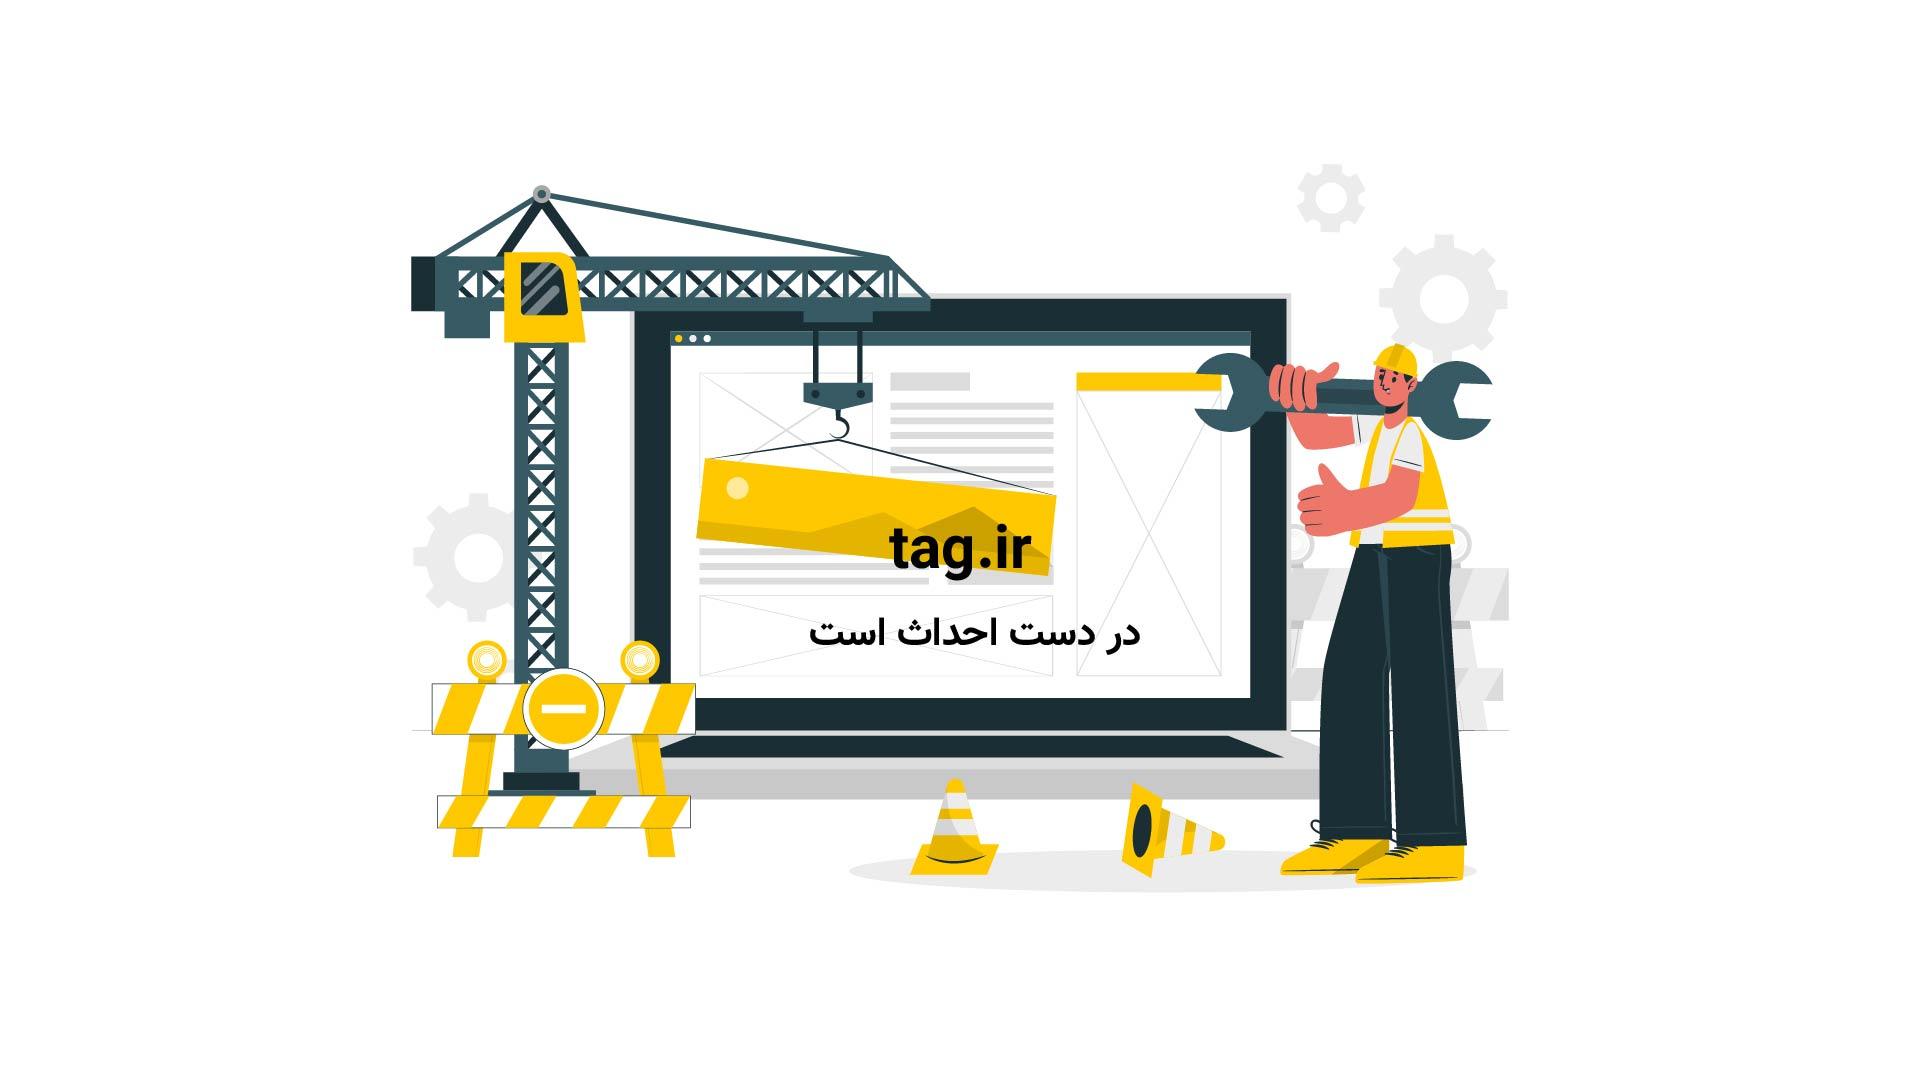 سخنرانیهای تد؛ کمک به خانوادههای کم درآمد برای کاهش هزینههای انرژی | فیلم